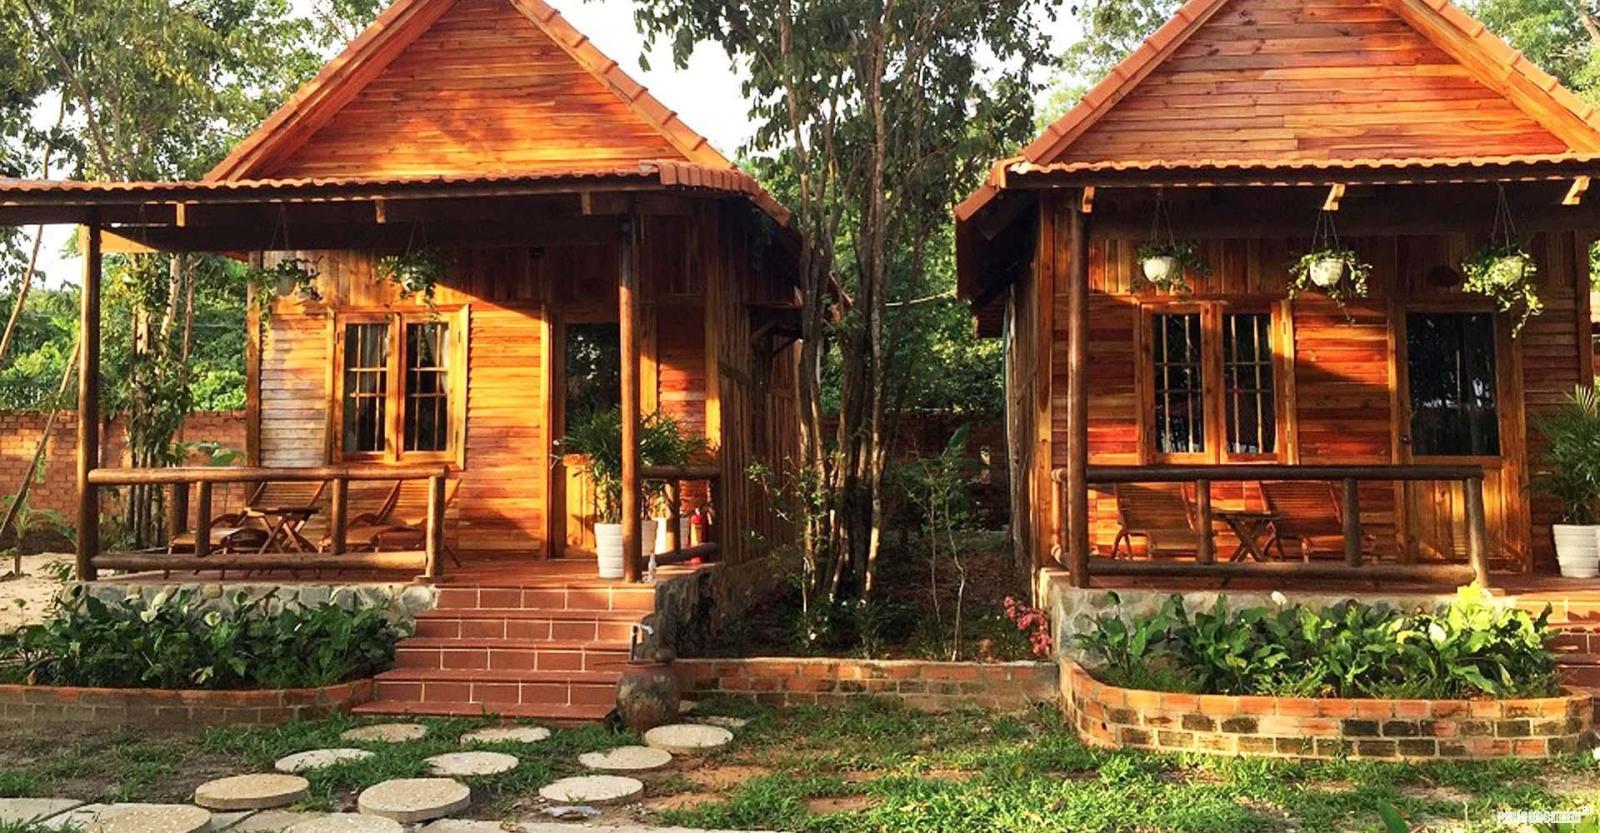 2 căn nhà Bungalow đẹp